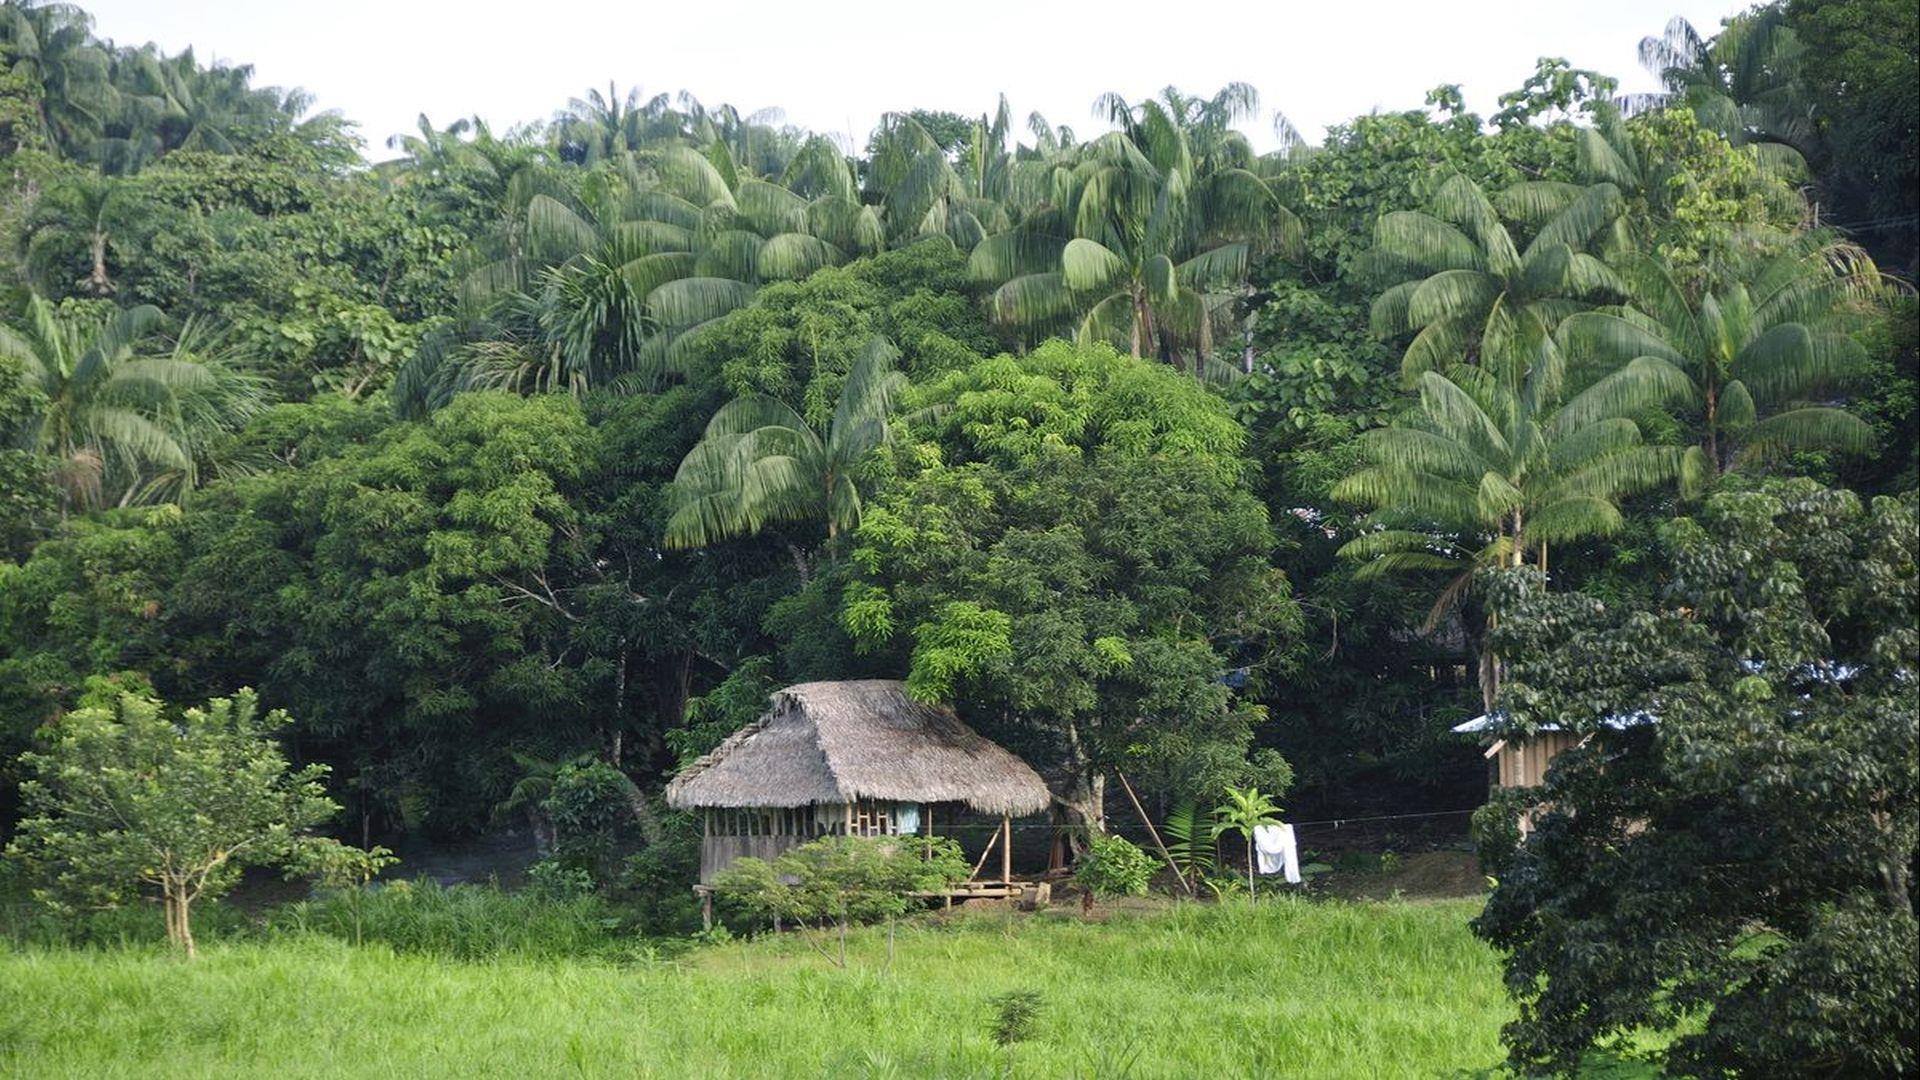 Kolumbien / Amazonas: 5 Tage Reisebaustein - Den Amazonas hautnah erleben